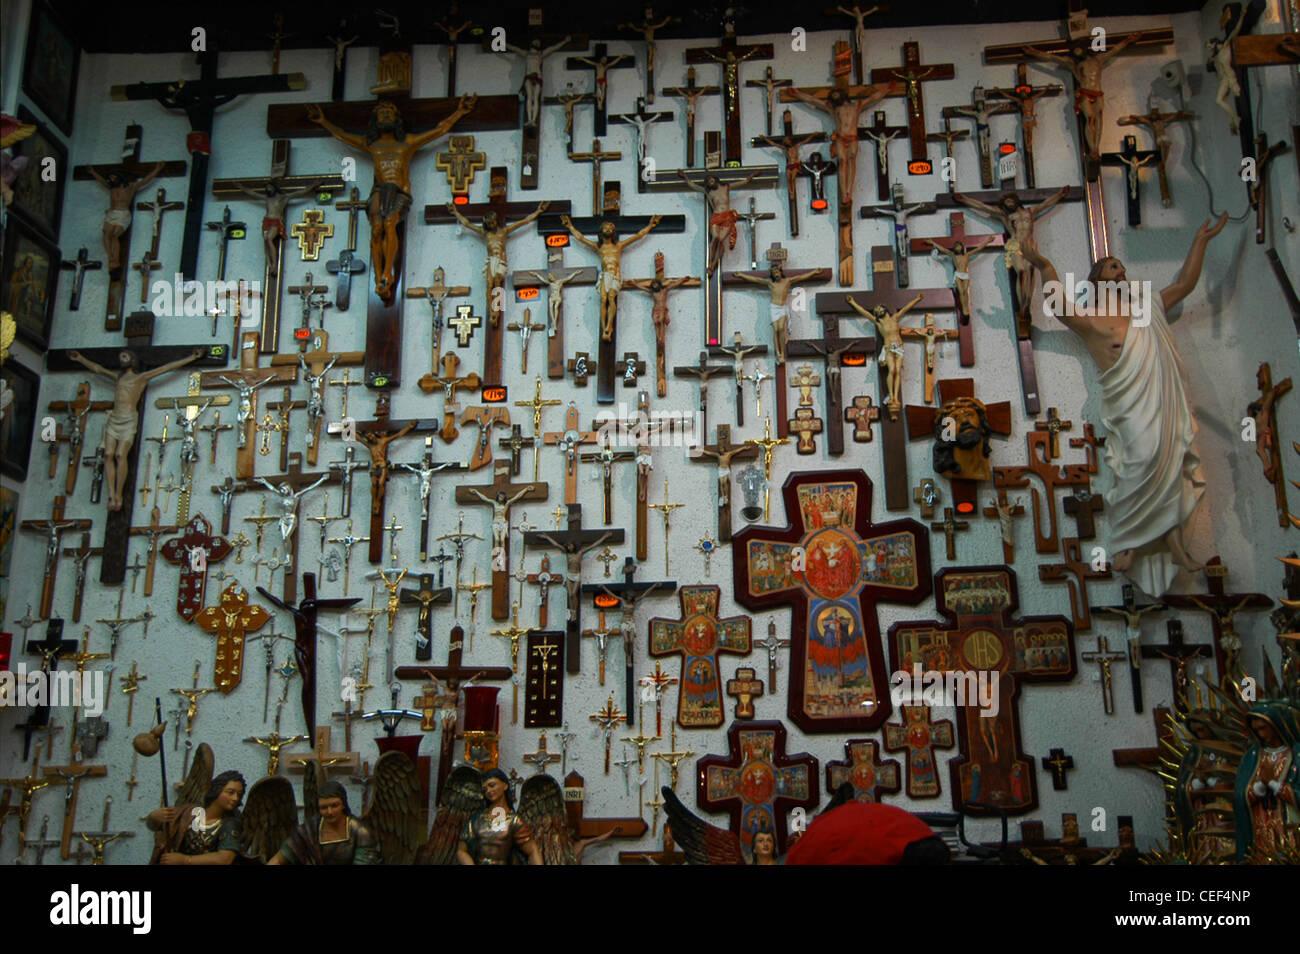 Mexico City shop with crucifix, crucifixion, Jesus, souvenir, memento, cross - Stock Image